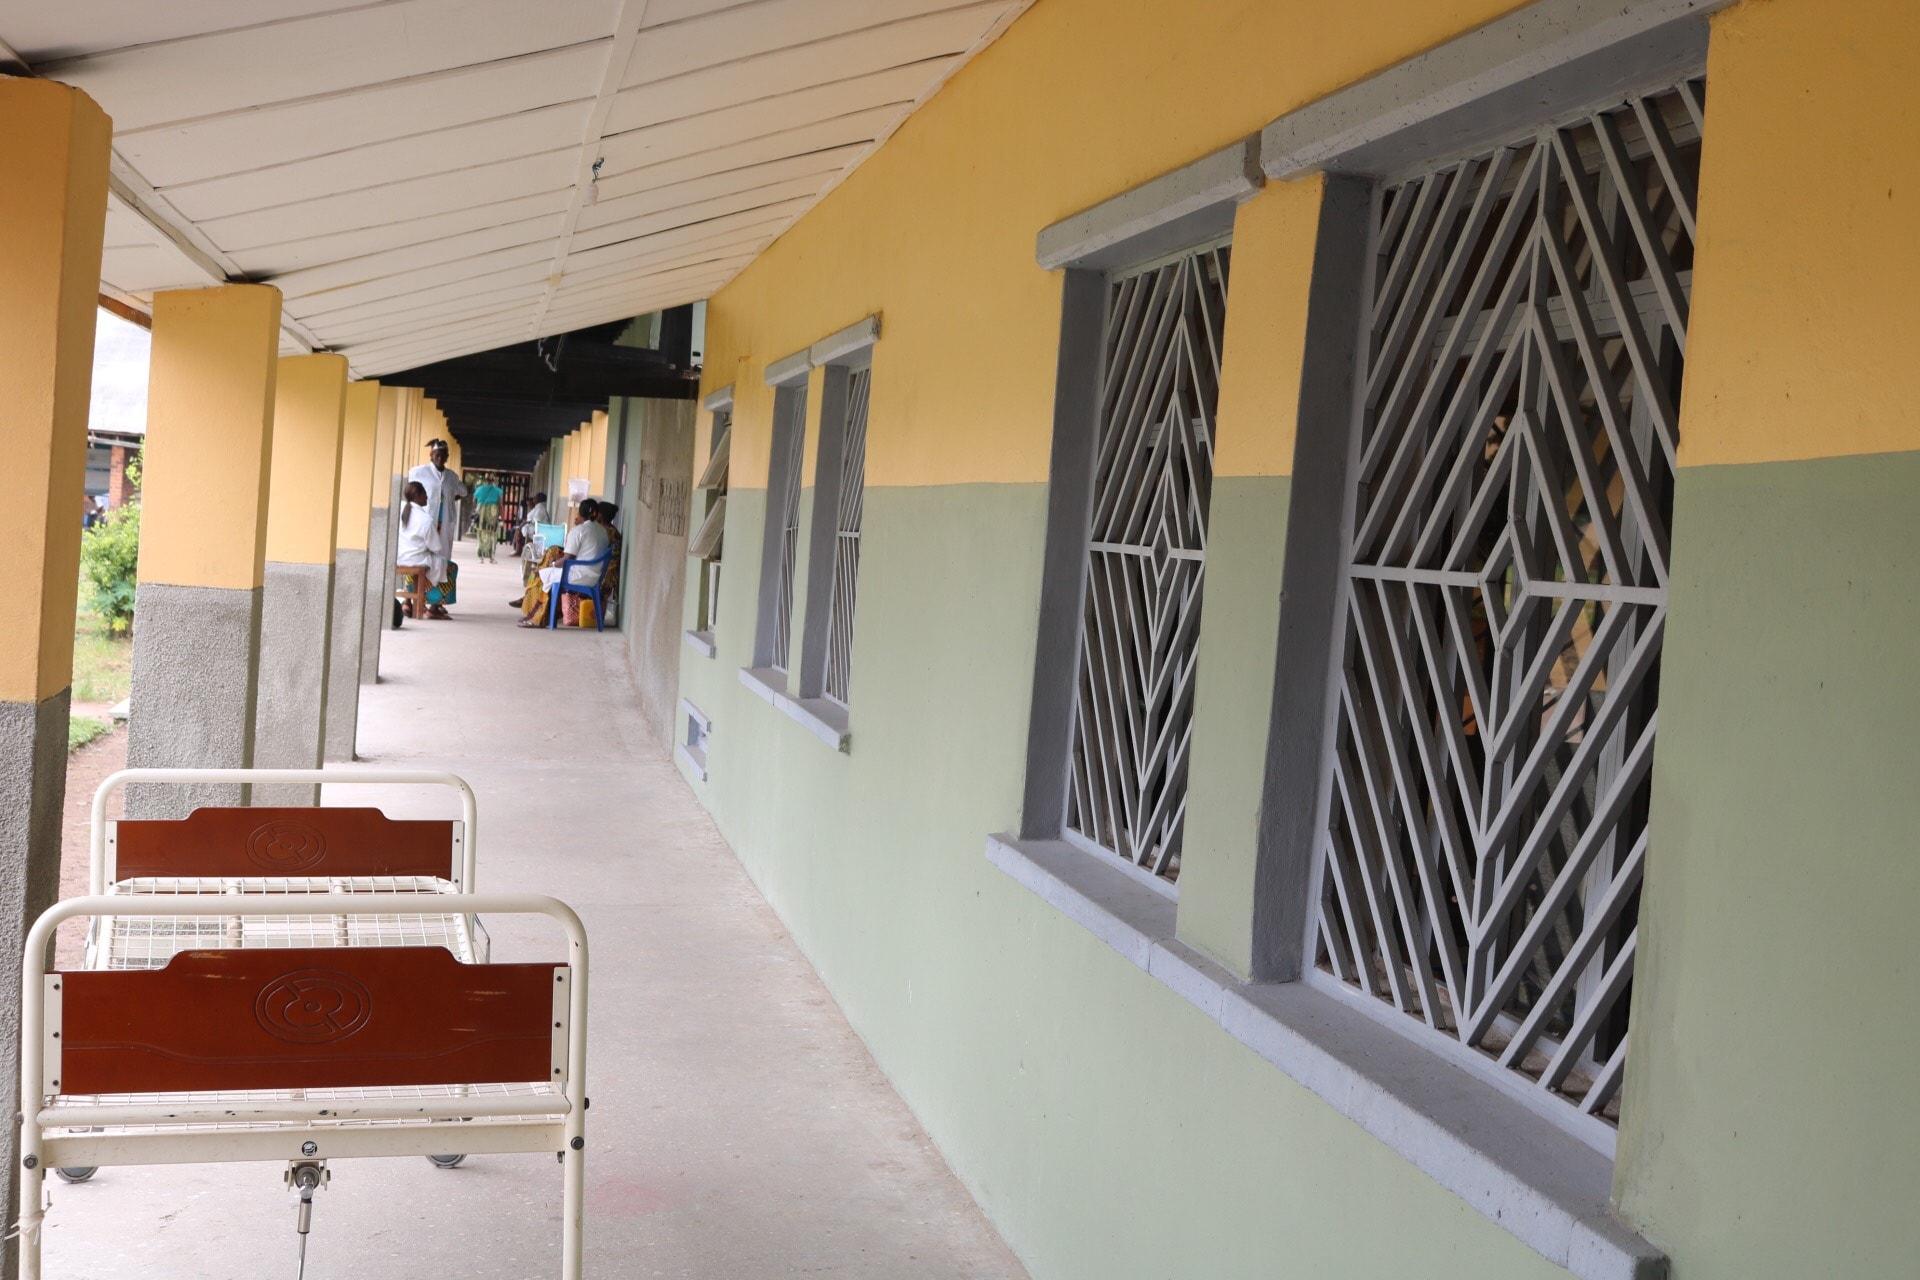 La vue d'une partie du bâtiment de l'hôpital réhabilité. L'Hôpital Général de référence Wembo-Nyama, construit en 1957 par les premiers Missionnaires Nyama n'a jamais bénéficié d'un entretien profond. Photo de François Omanyondo, UM News.